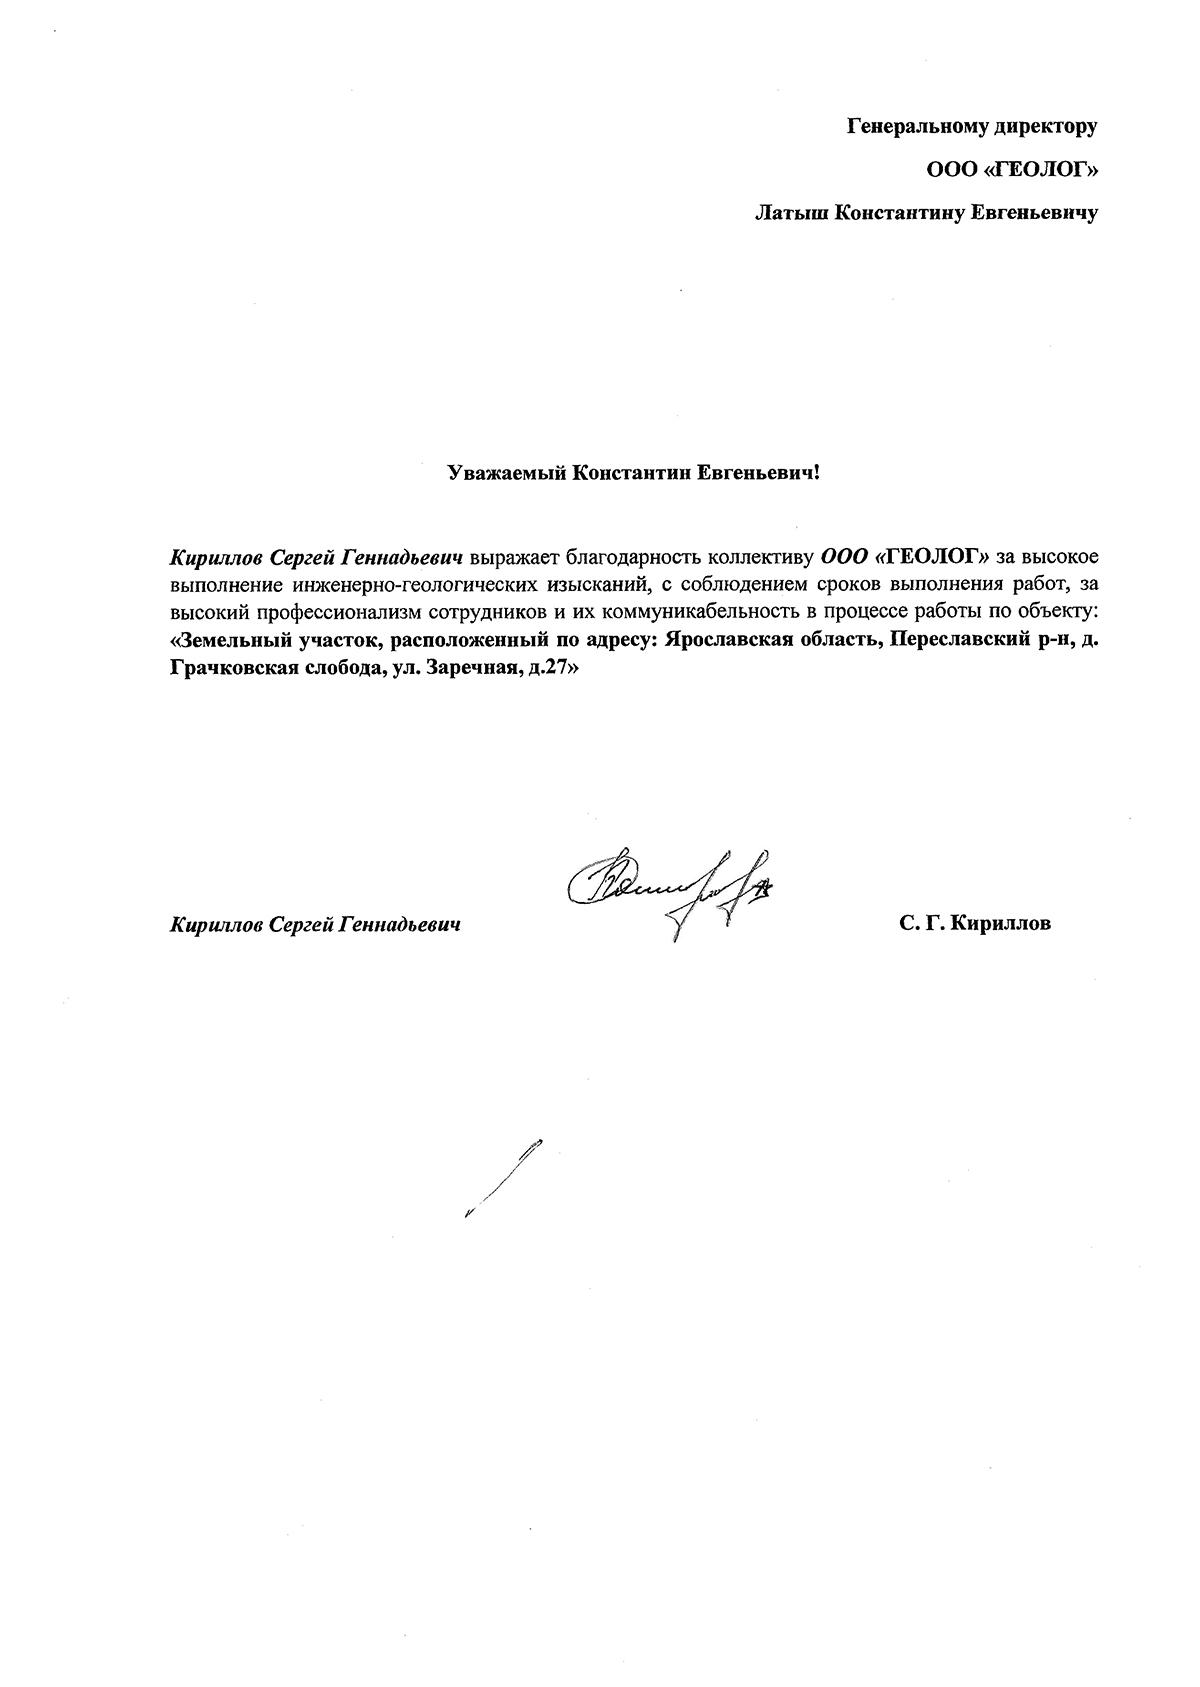 Отзыв Кириллов Сергей Геннадьевич